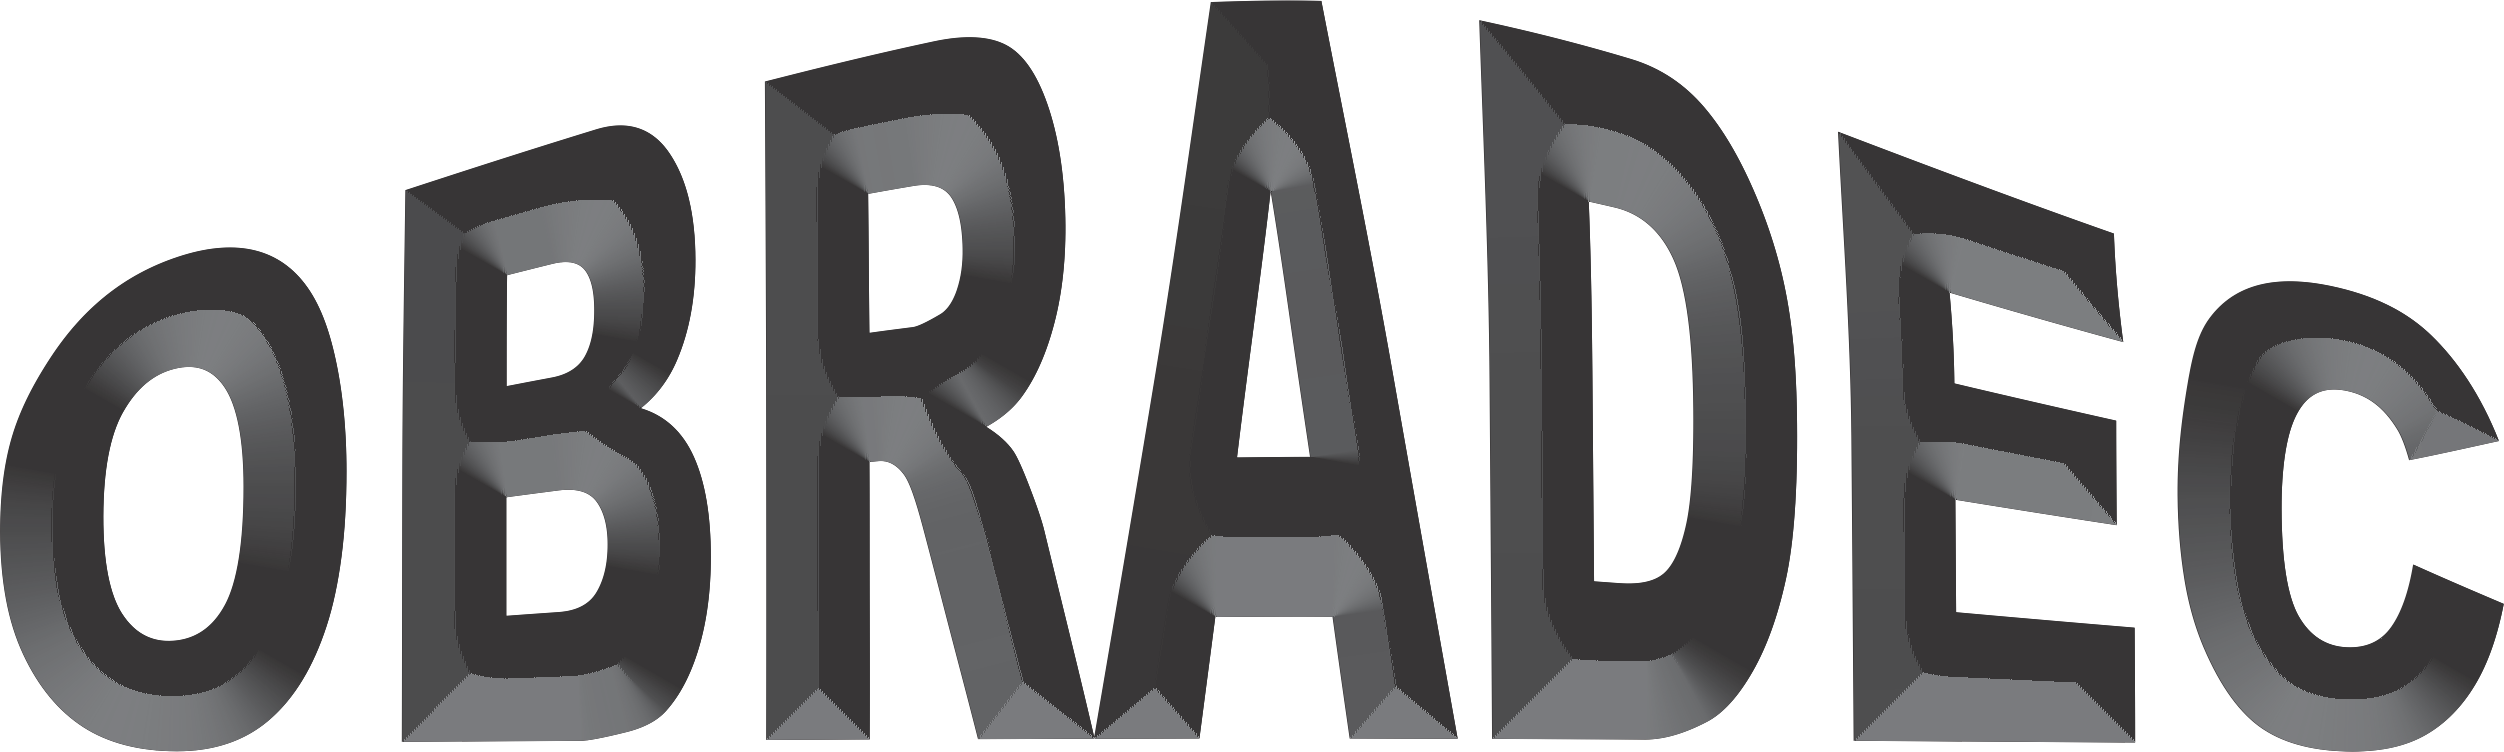 Logo Obradec